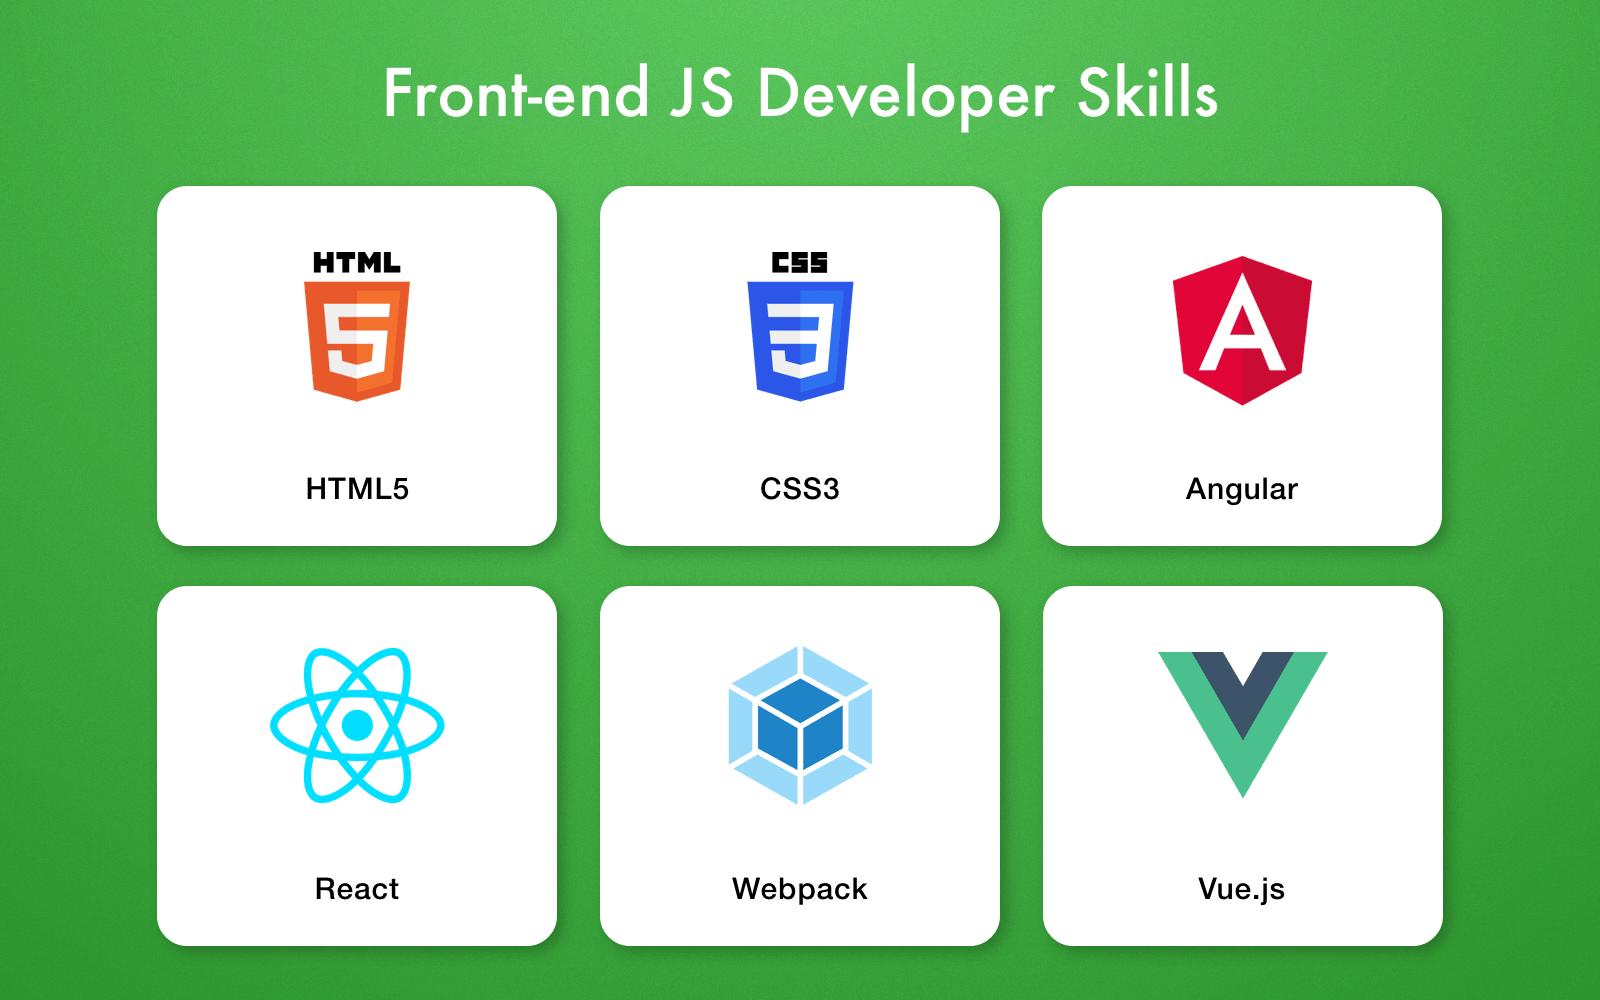 Front-end JavaScript Developer Skills